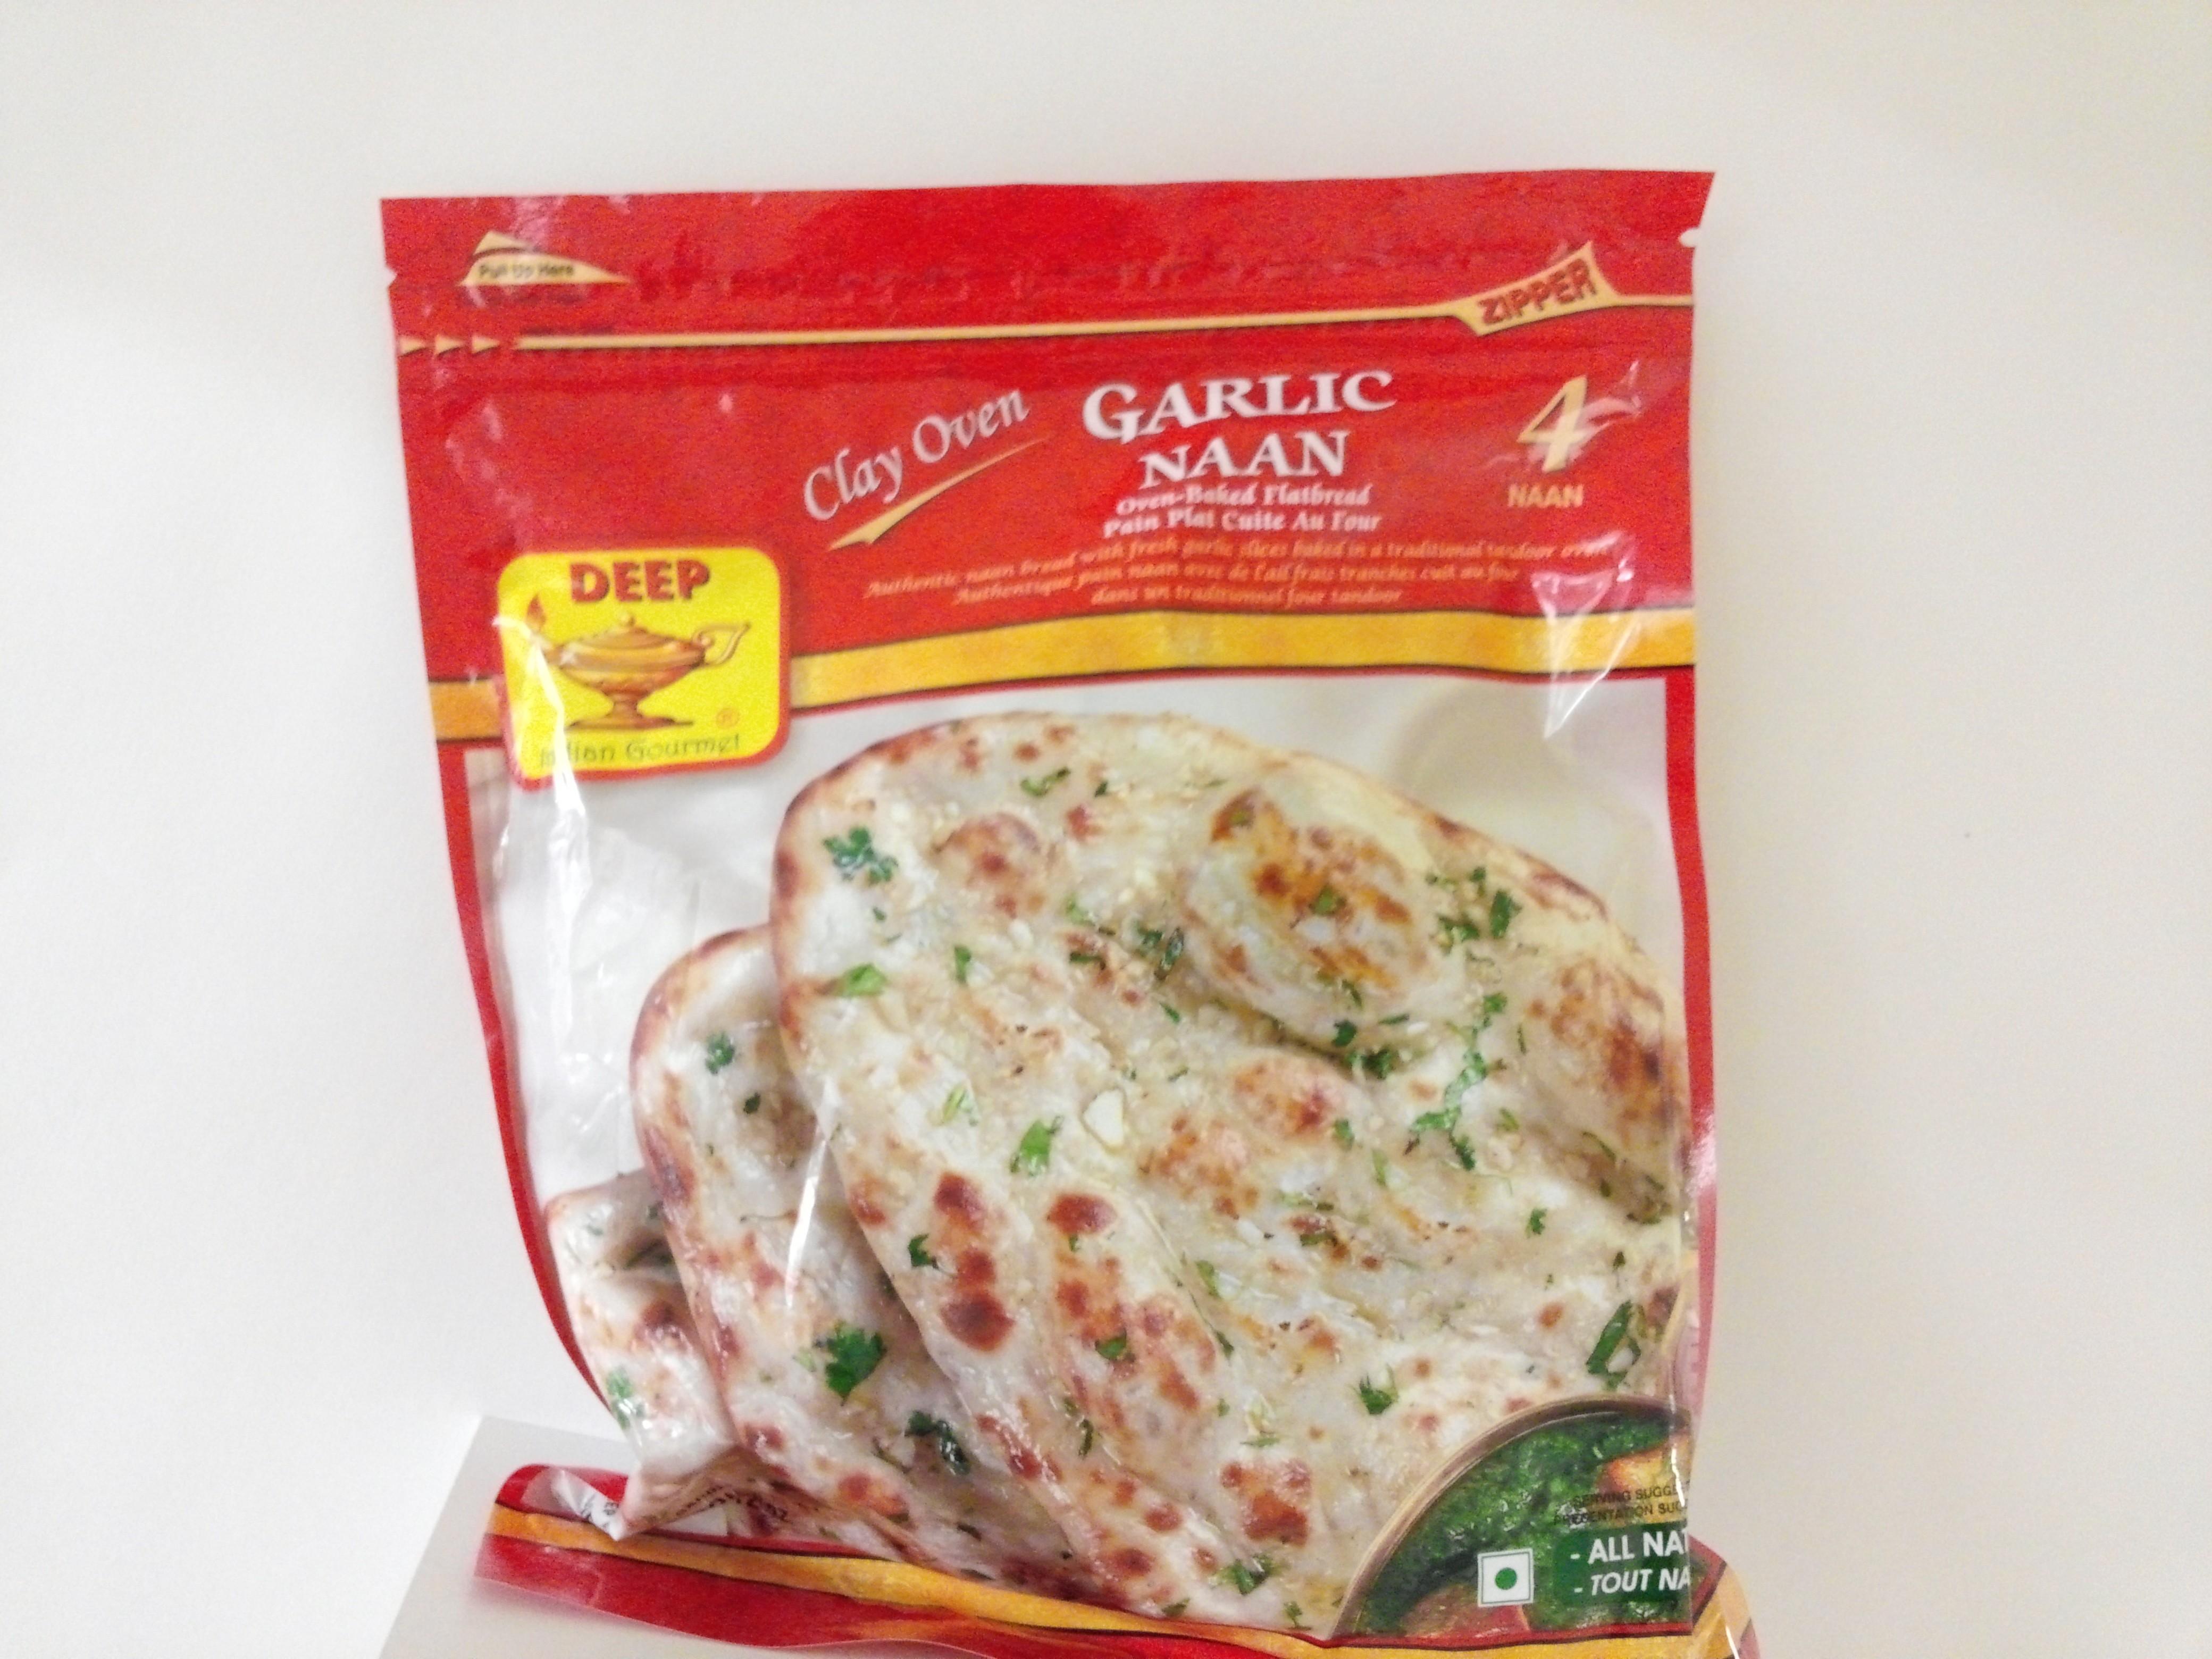 Deep Garlic Naan 4 pcs 12 oz